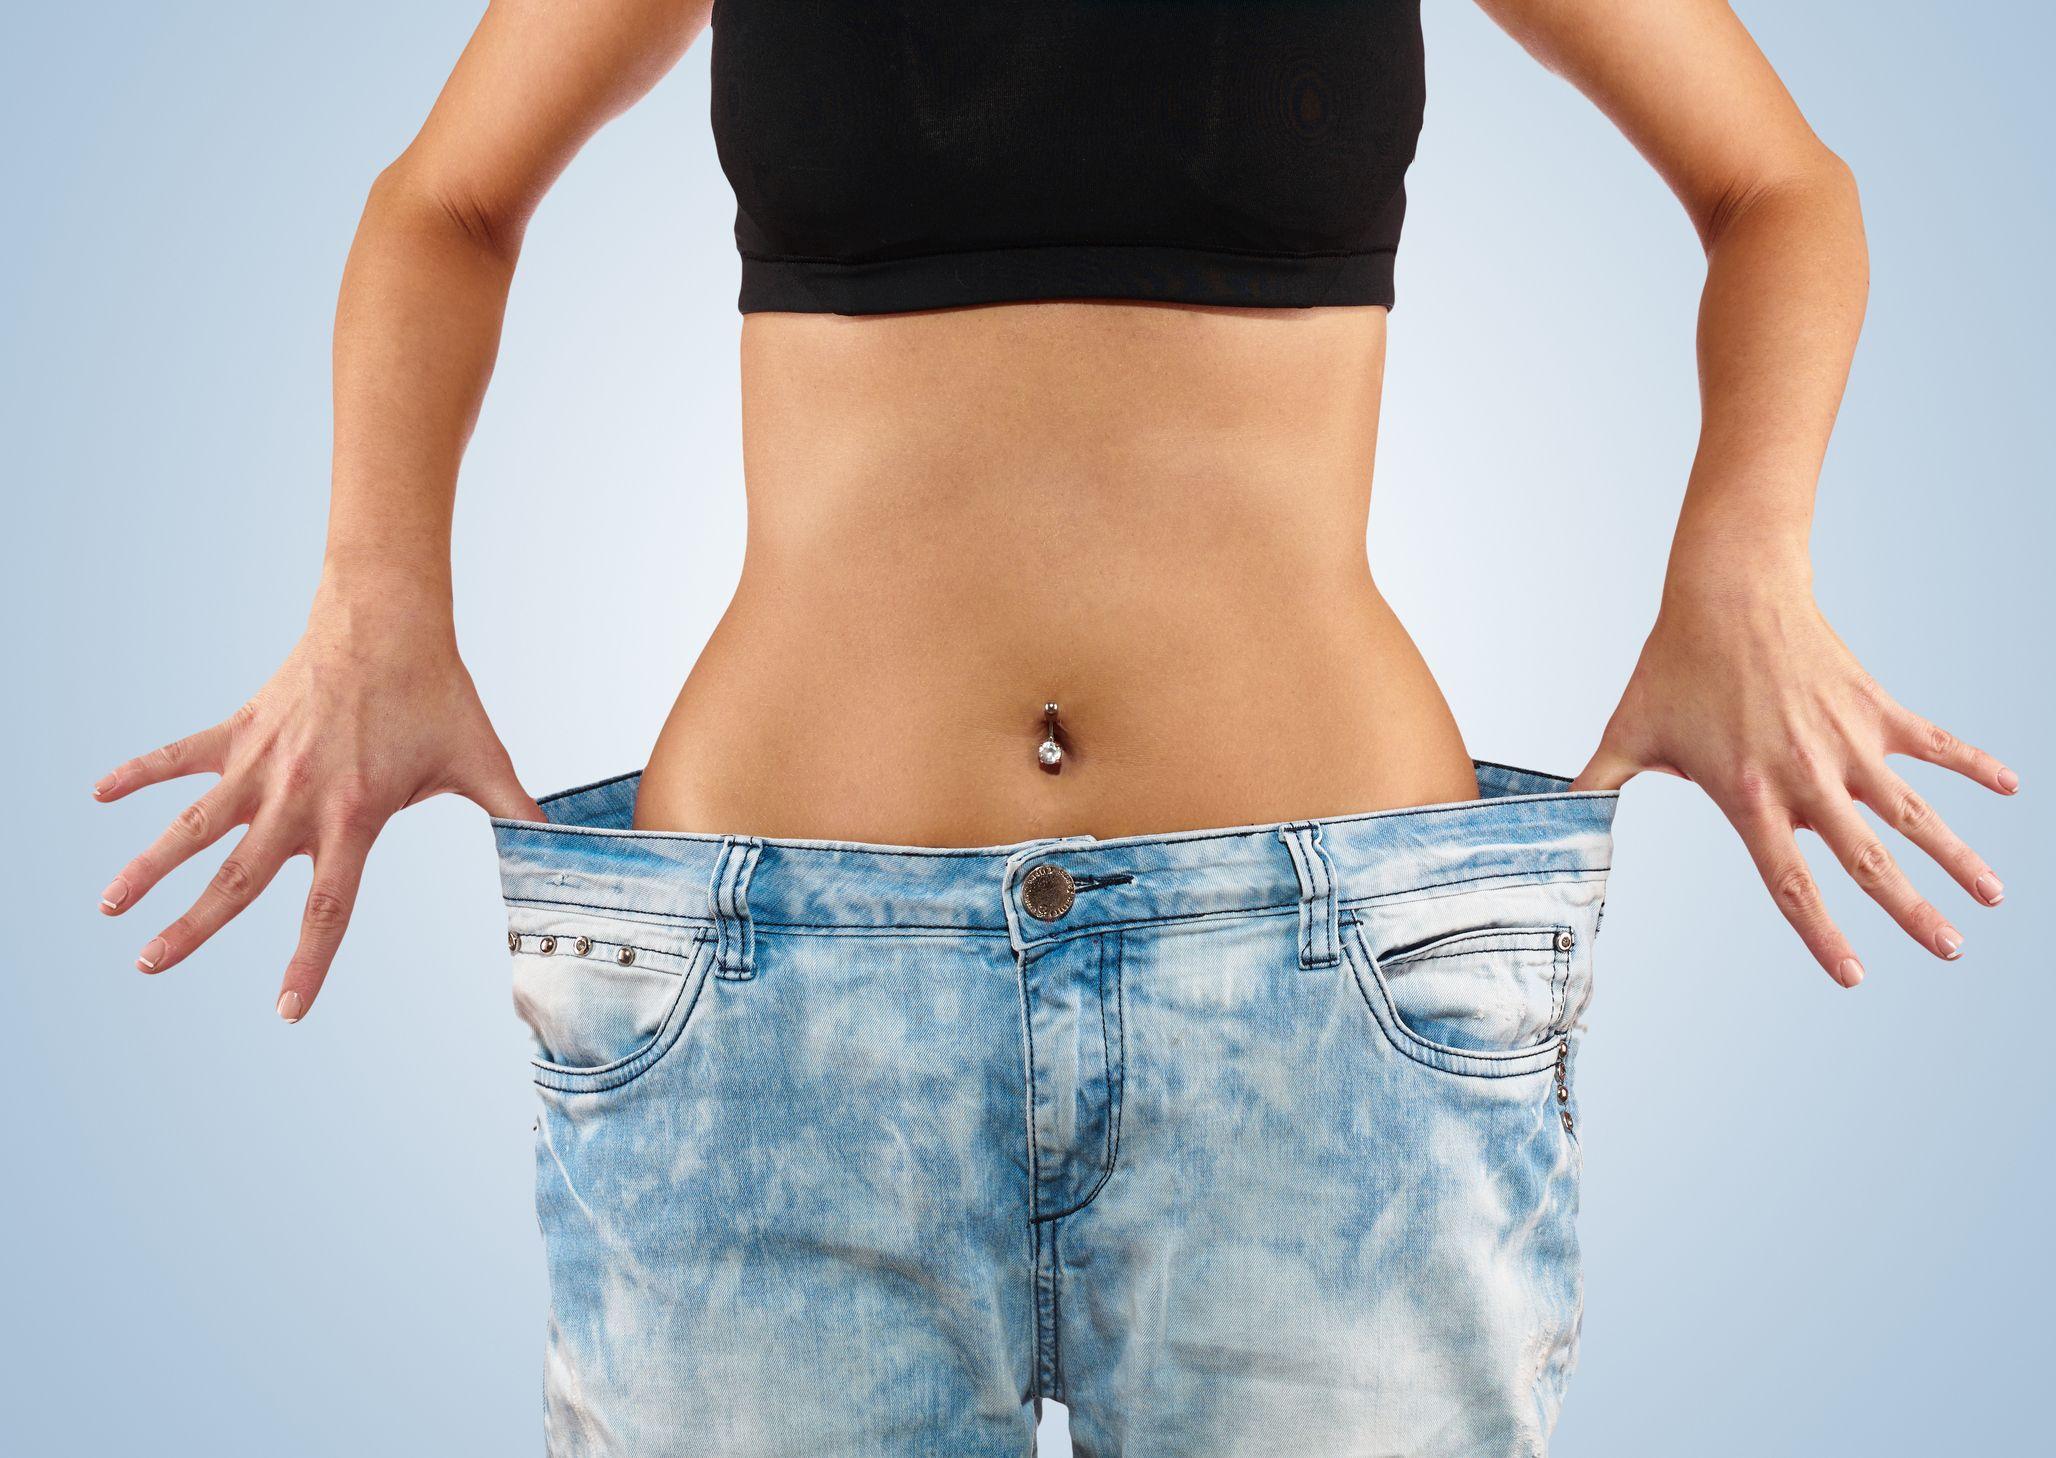 Így könnyű a fogyás | Természetes-Egészséges-Bioexpress Megoldások